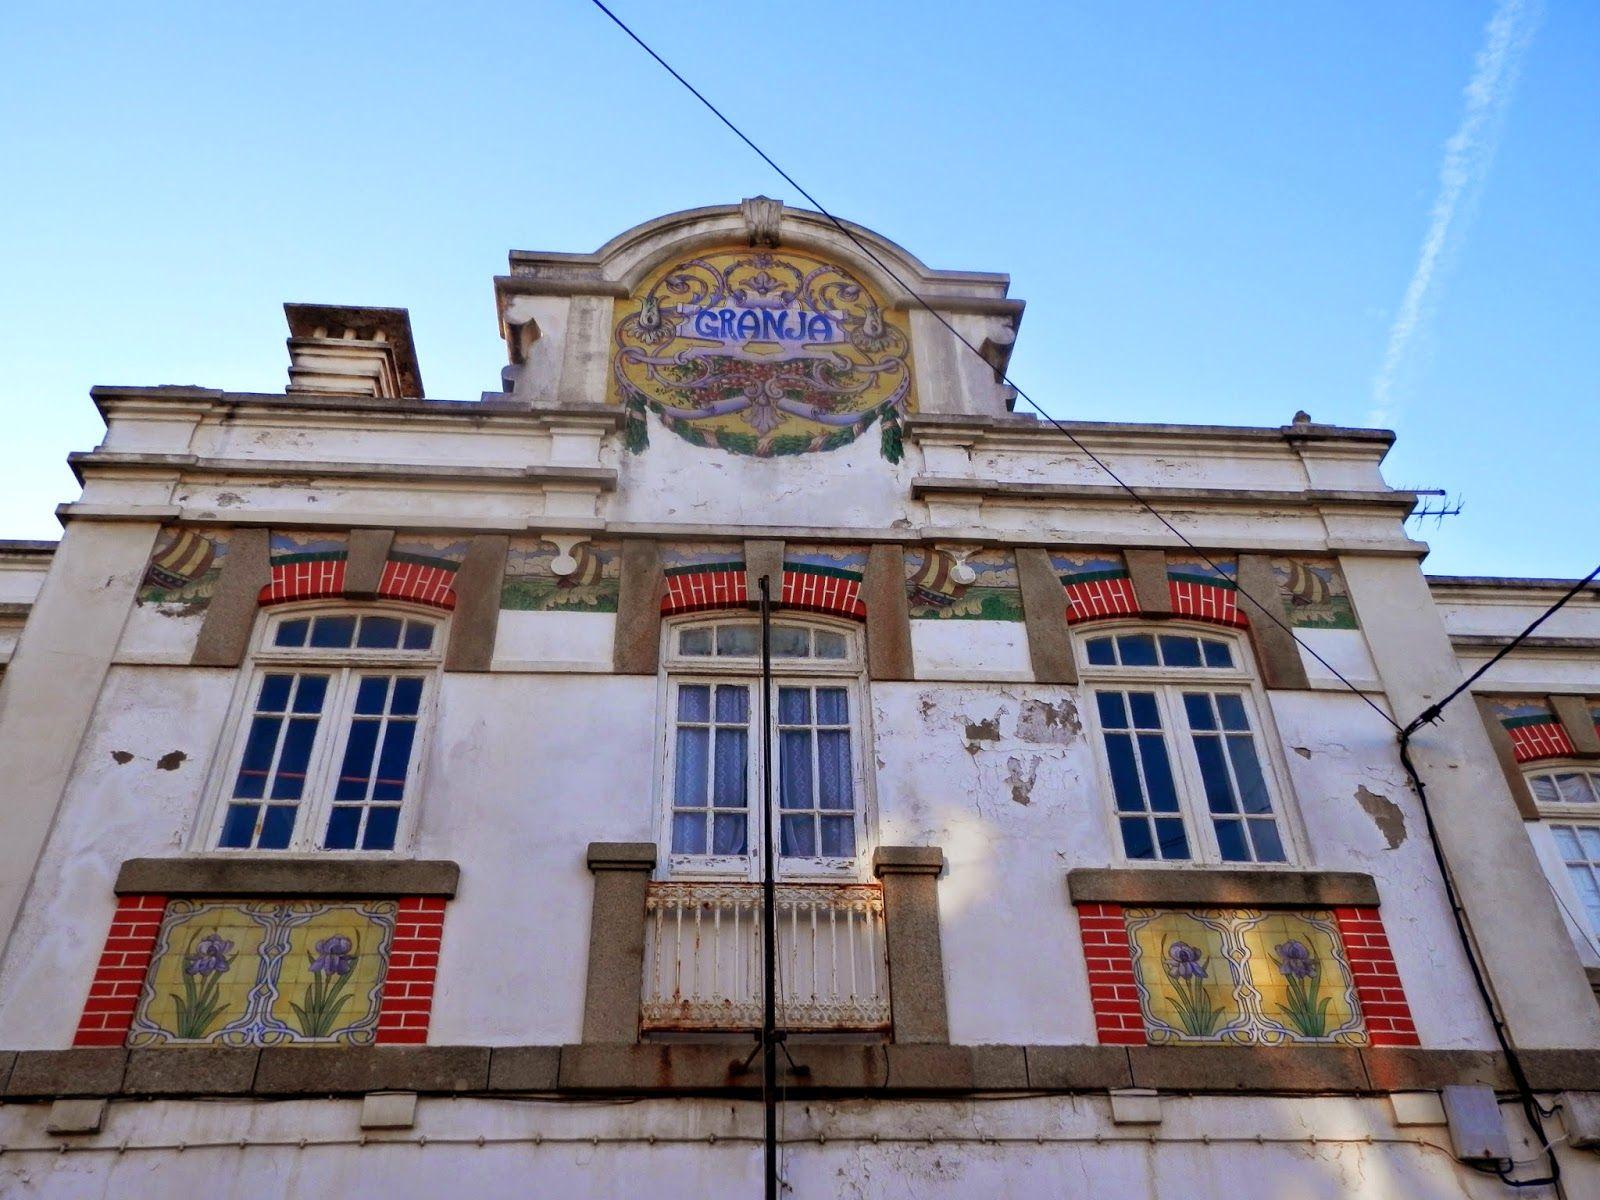 Licínio Pinto e Francisco Pereira | Estação Ferroviária de / Railway Station of Granja | 1914 #Azulejo #LicínioPinto #FranciscoPereira